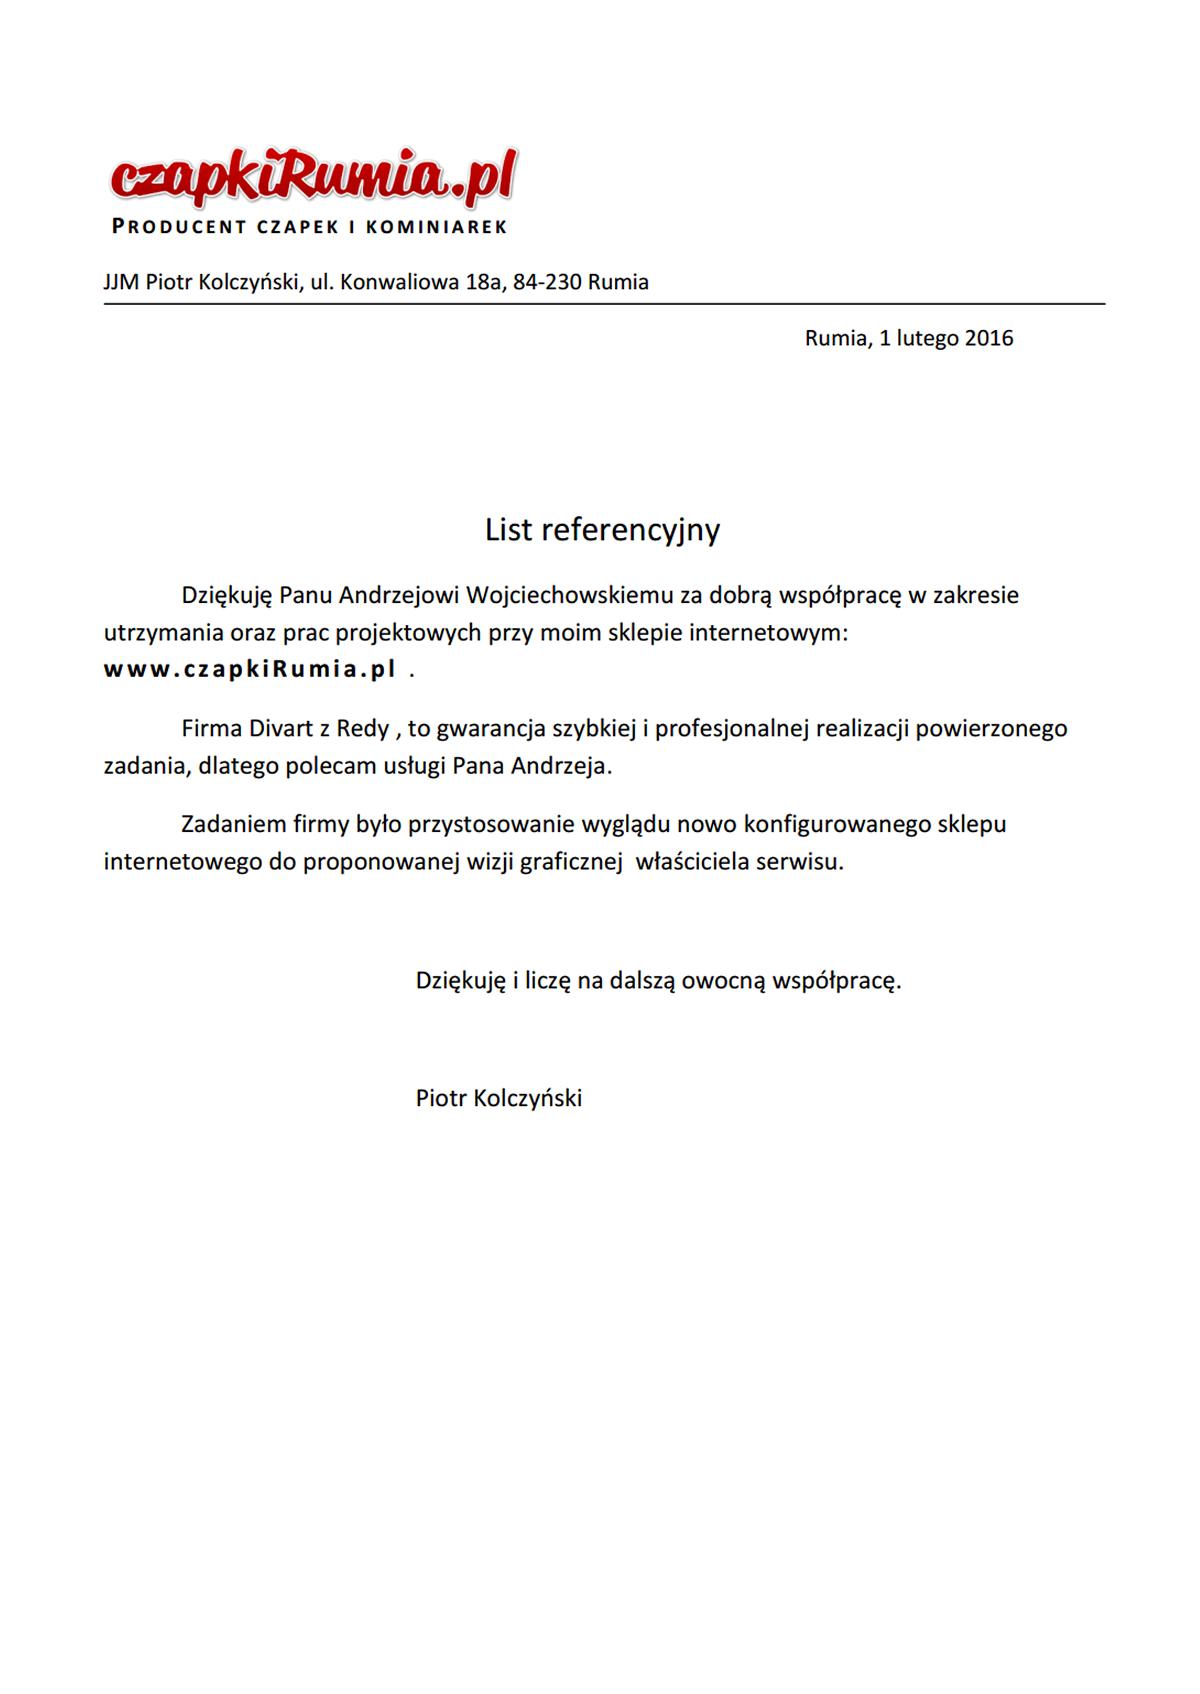 List-referencyjny-e-kominiarki-i-czapki-Rumia